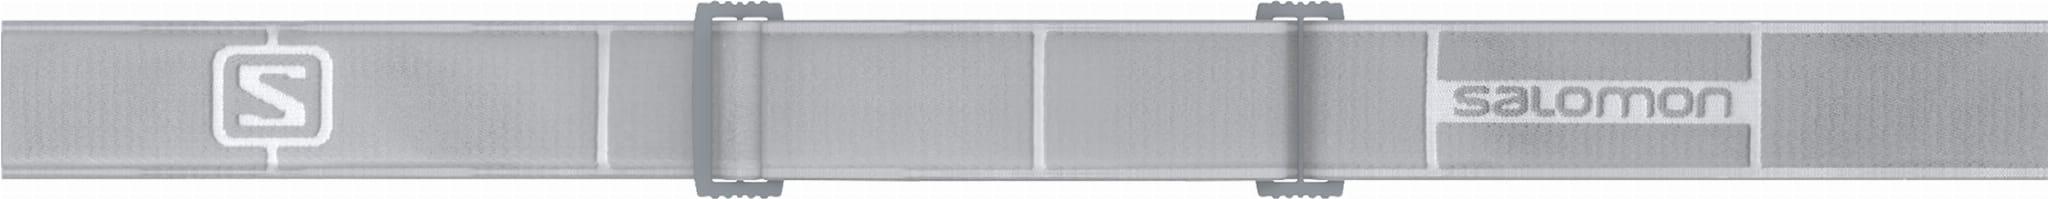 Gogle Salomon Aksium Access White 408461